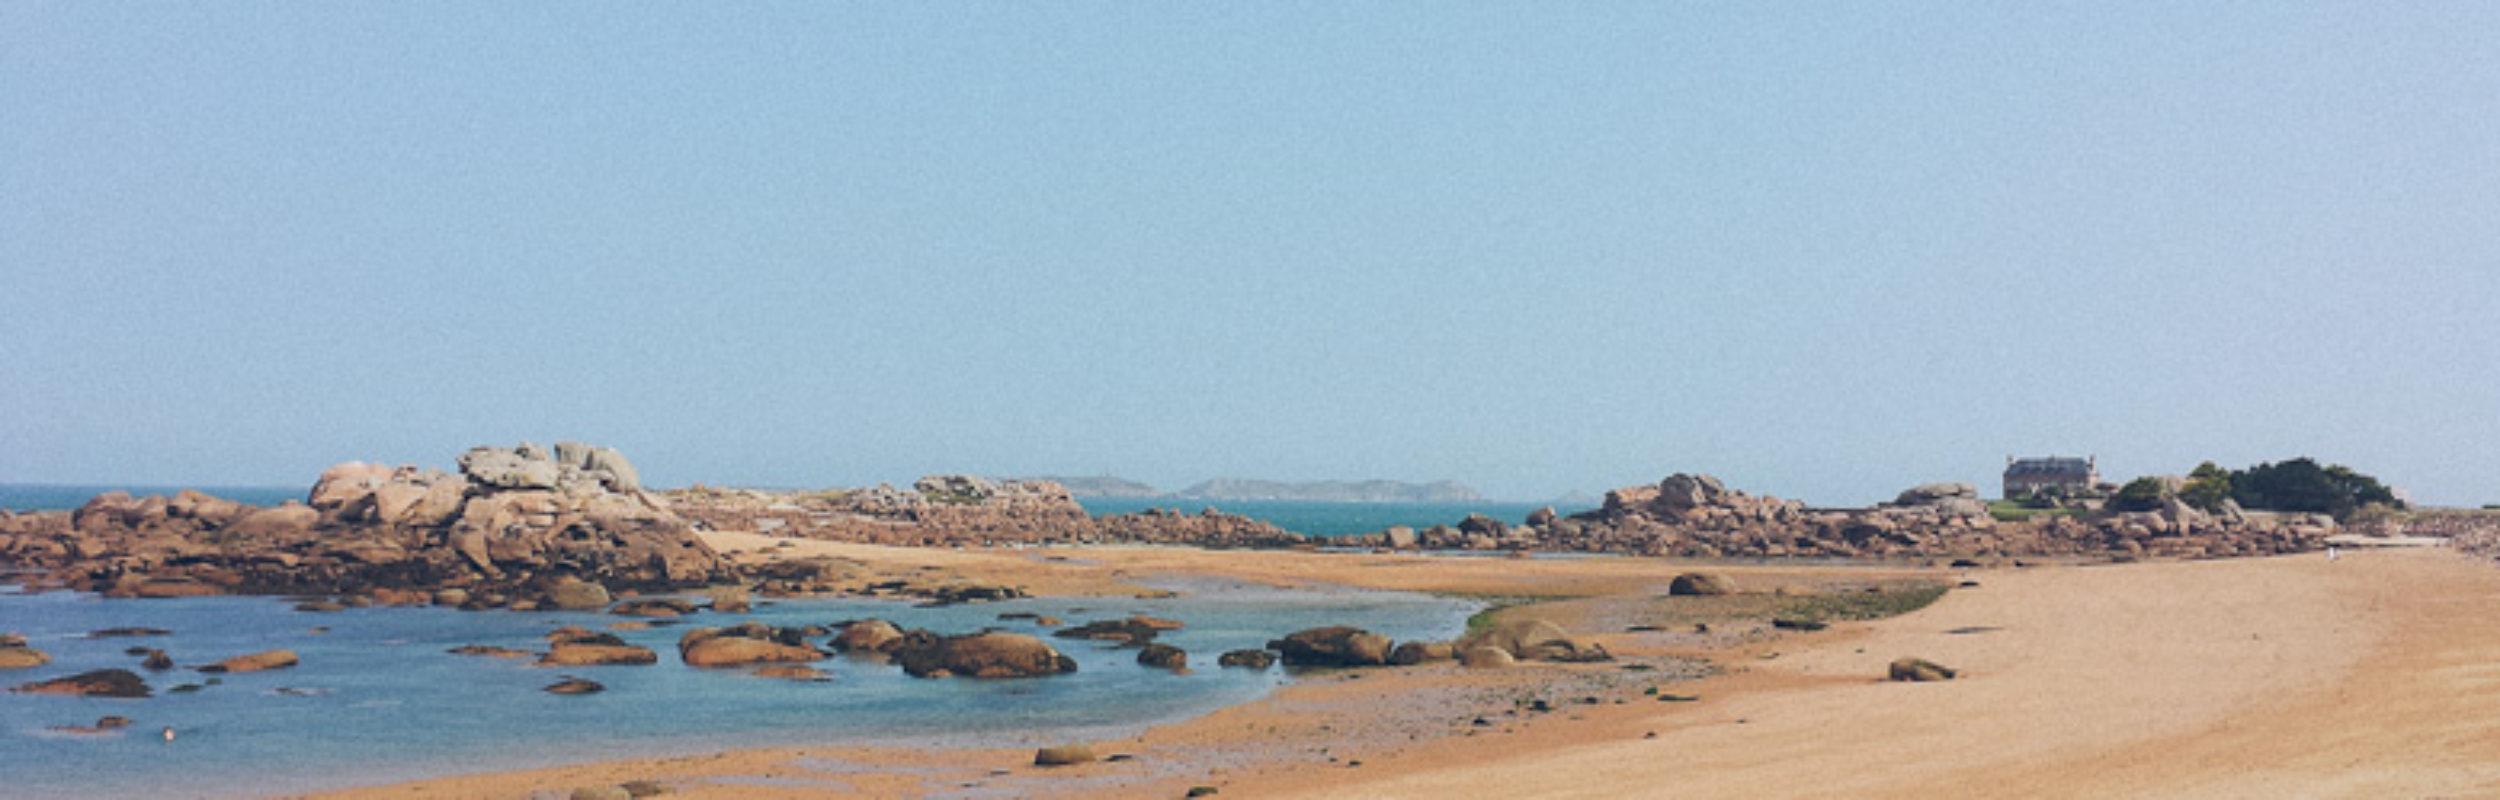 Road-trip en Bretagne : la presqu'île Renote et Locquémeau à marée basse ! [Côtes-d'Armor]